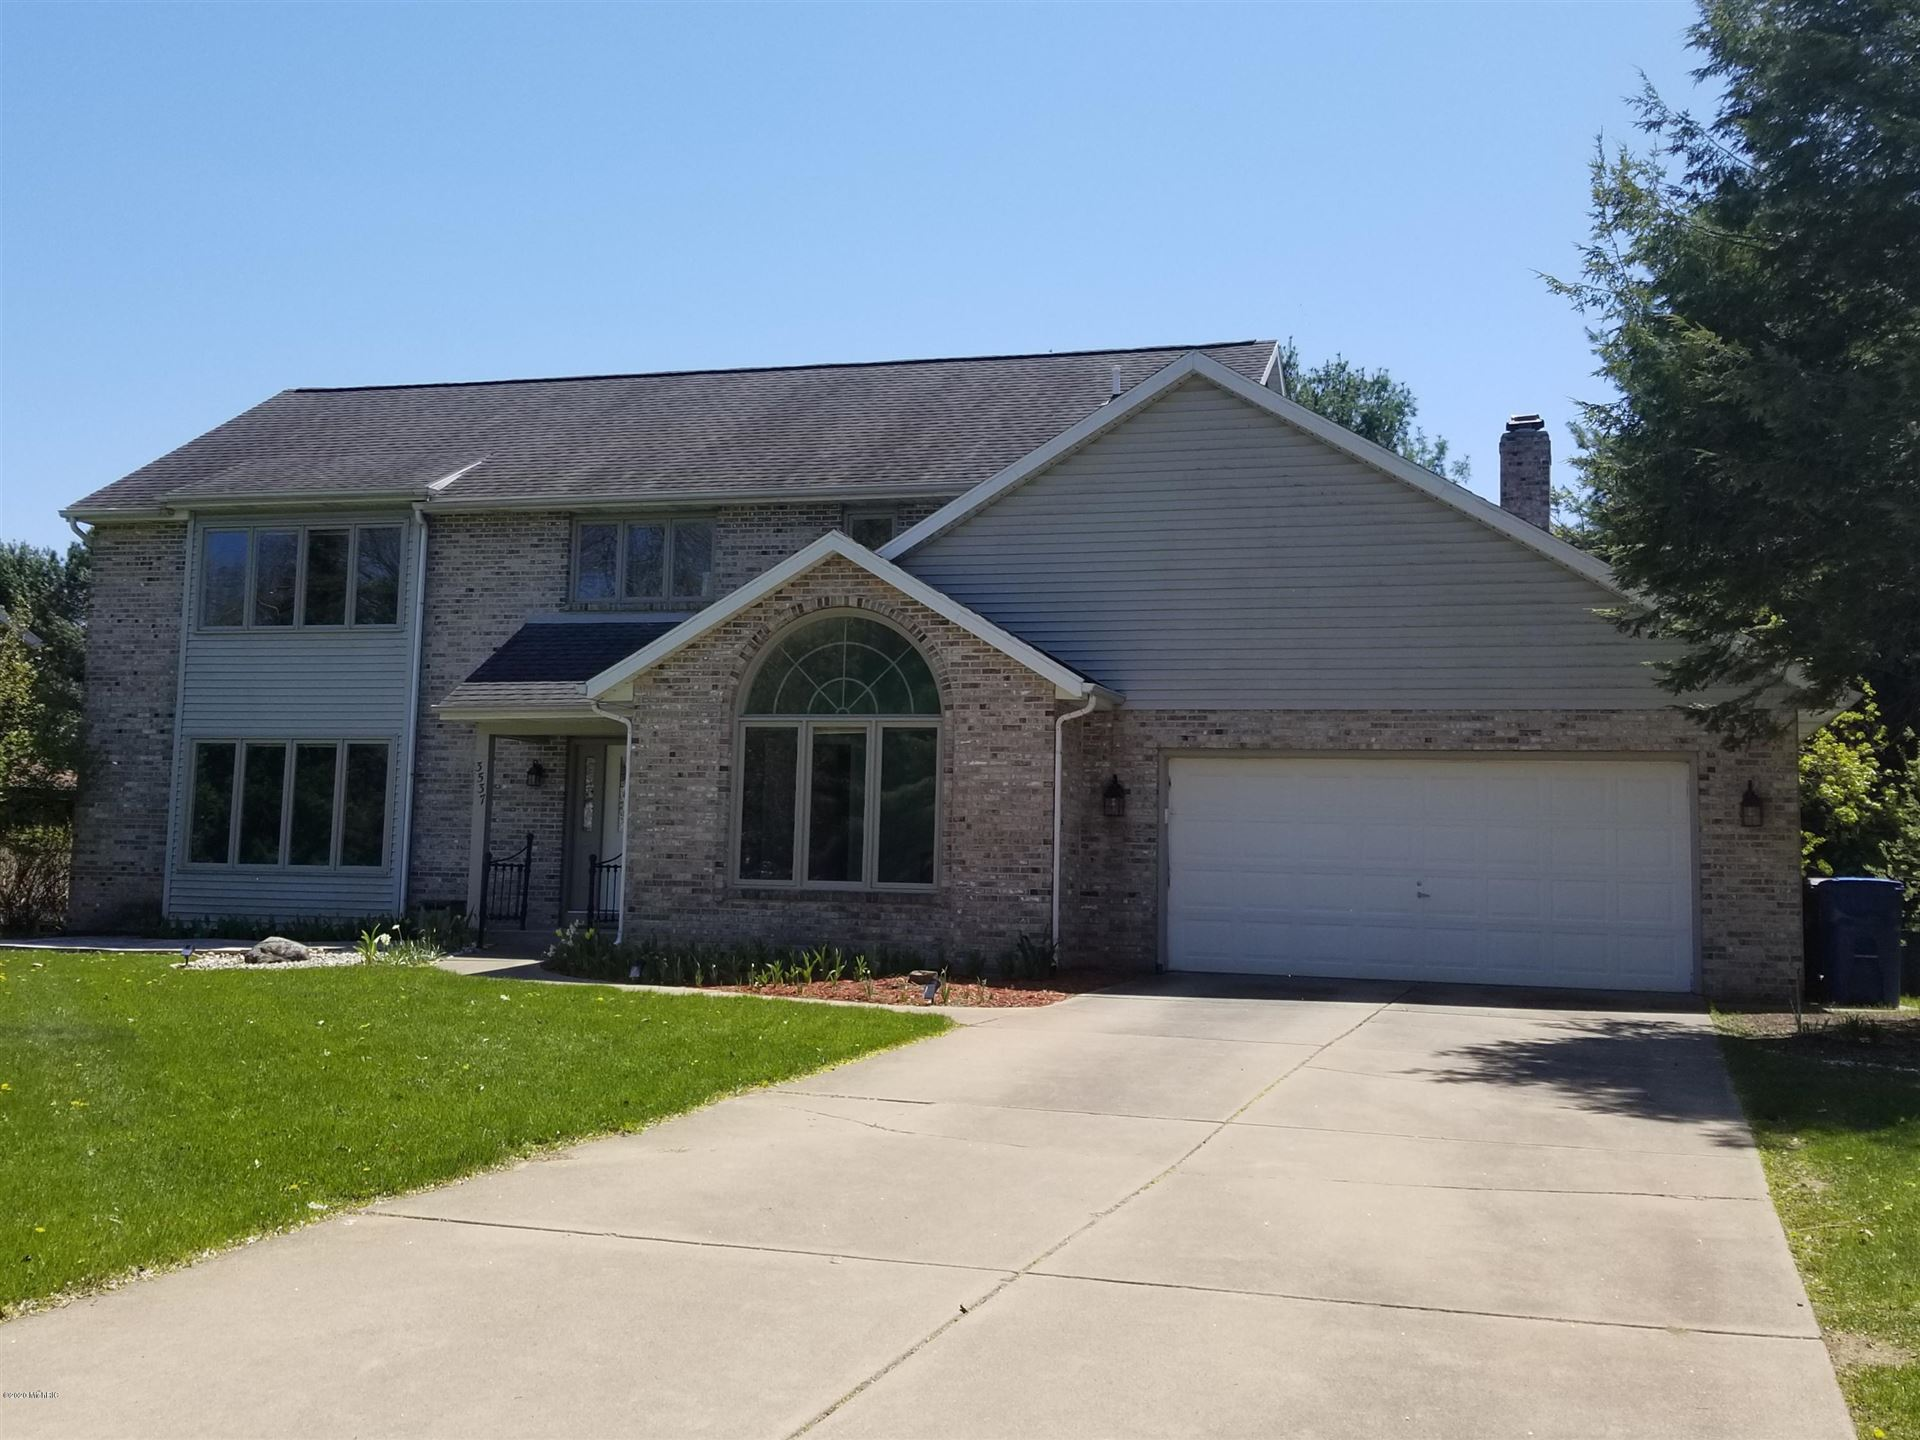 3537 Hollowwood Drive, Portage, MI 49024 - MLS#: 20010683